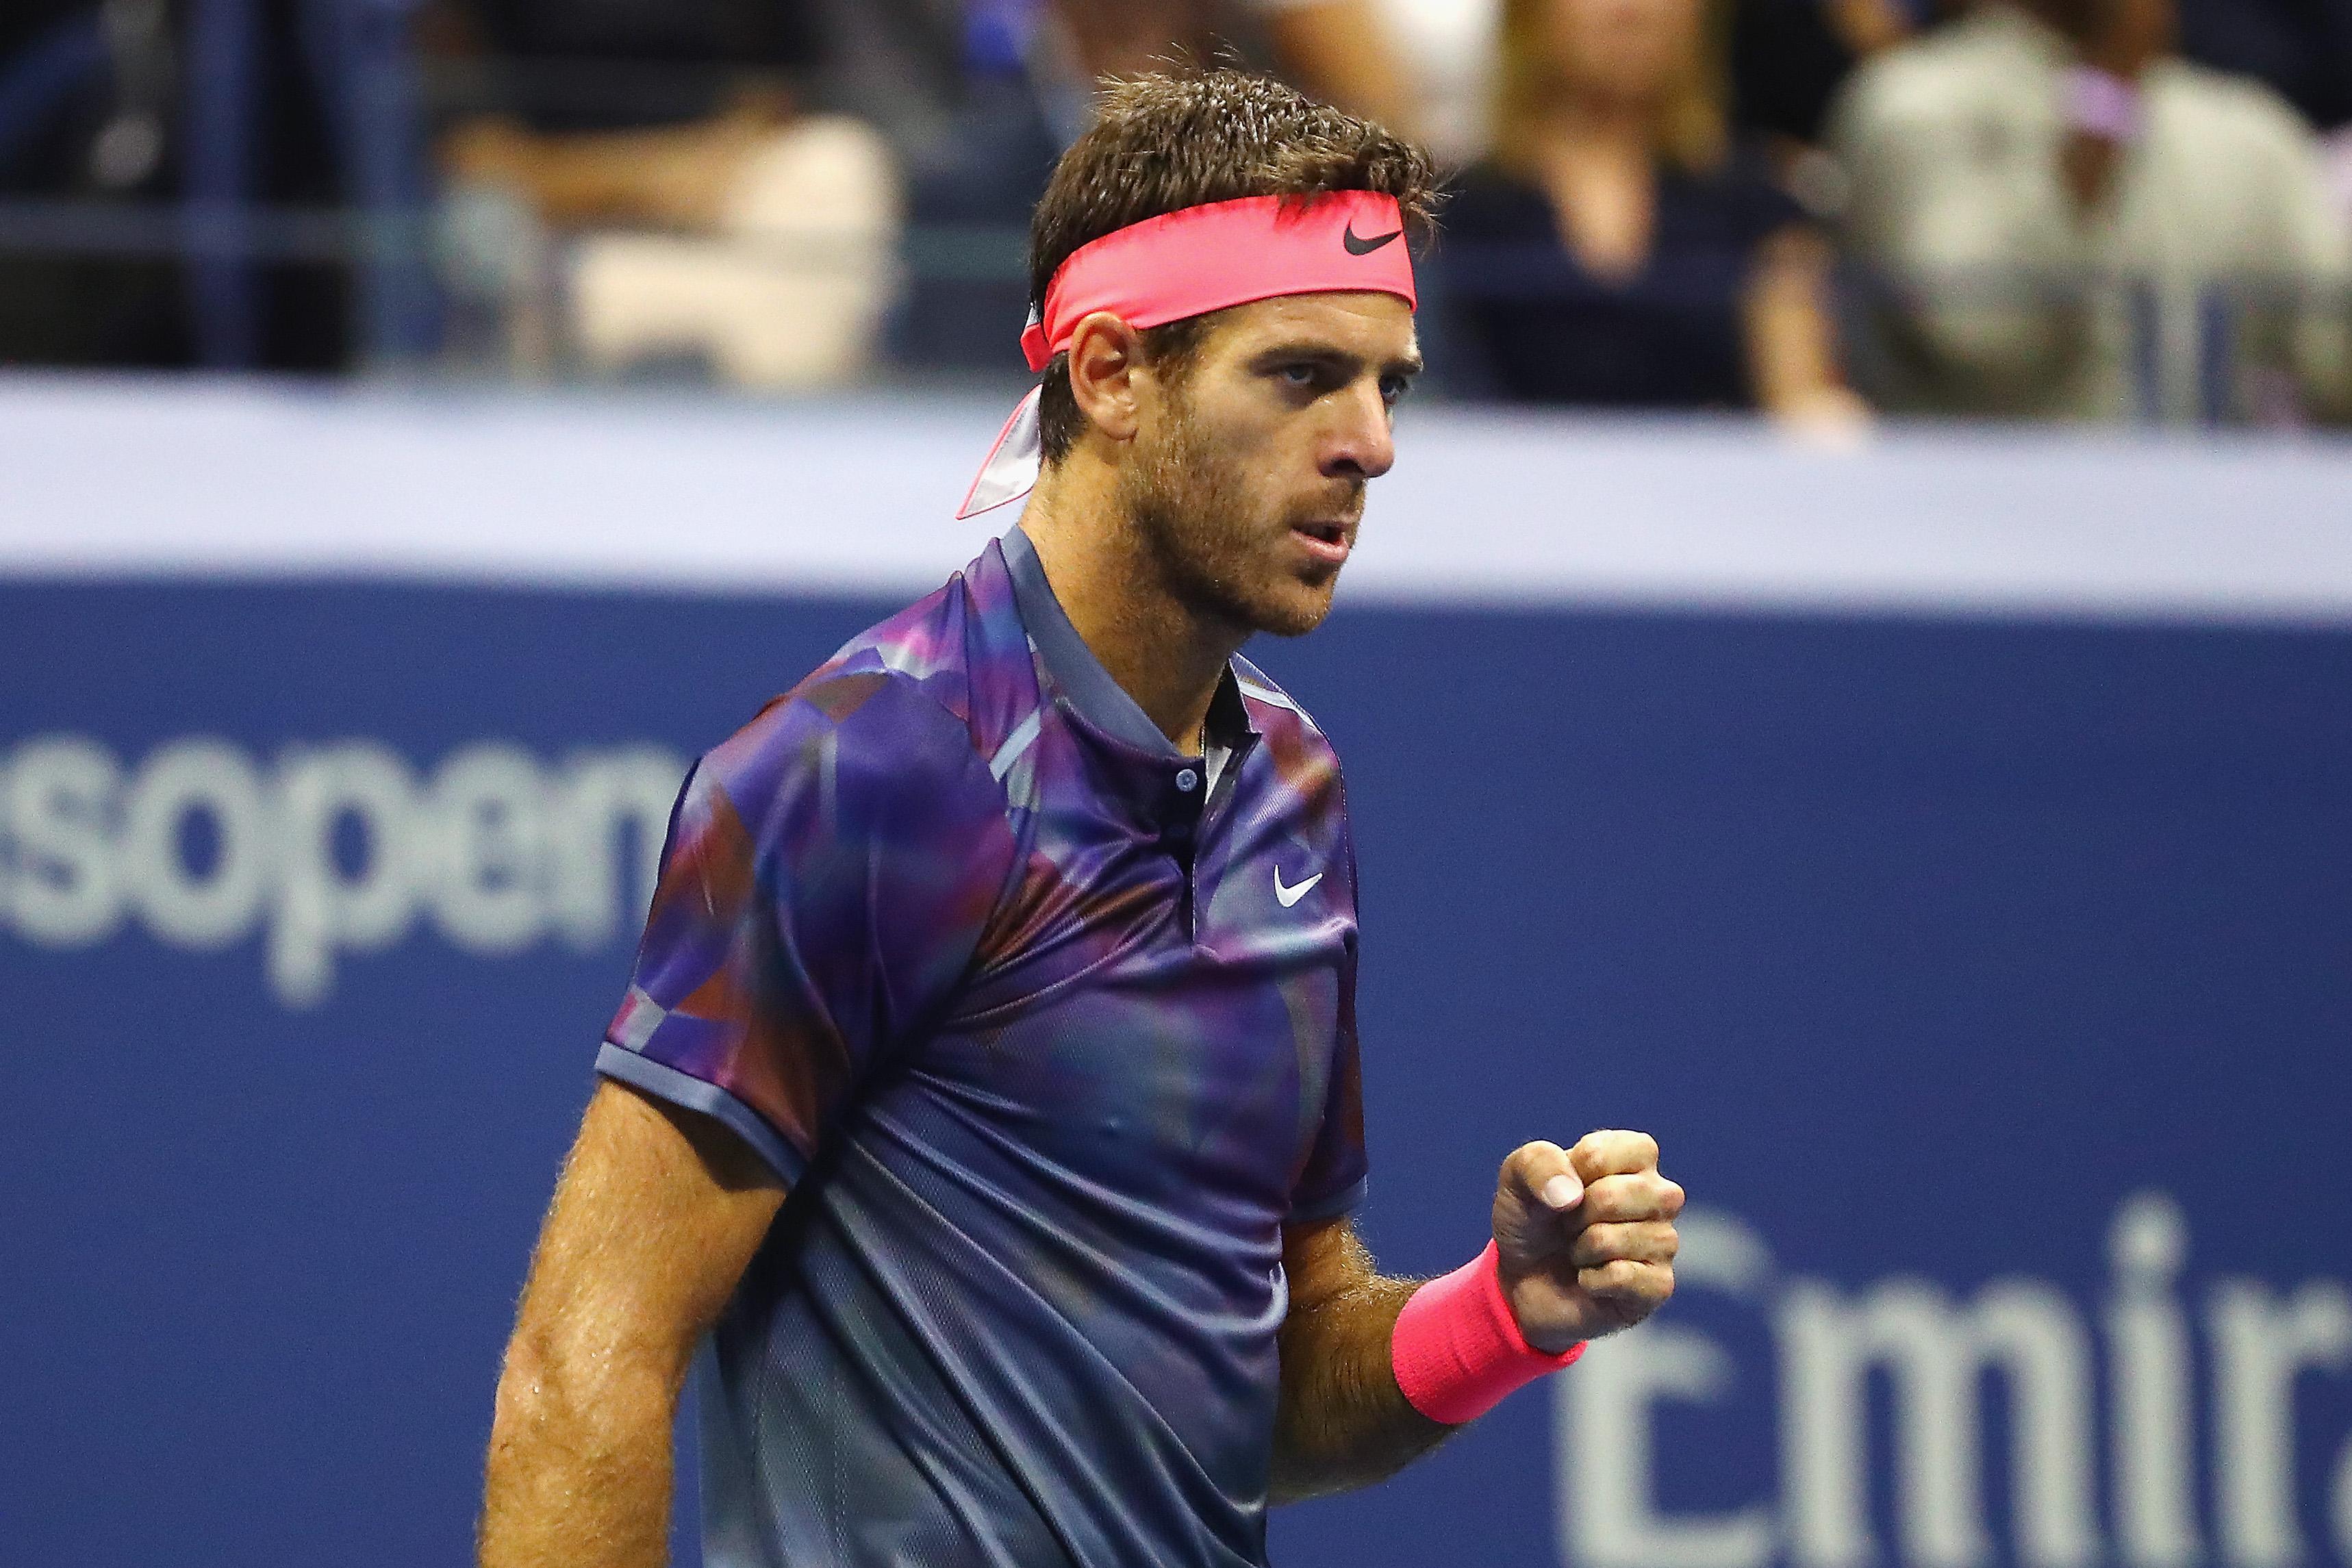 Теннис. Ставки на 18 Финала US Open. WTA. Ставки на 2 Сентября